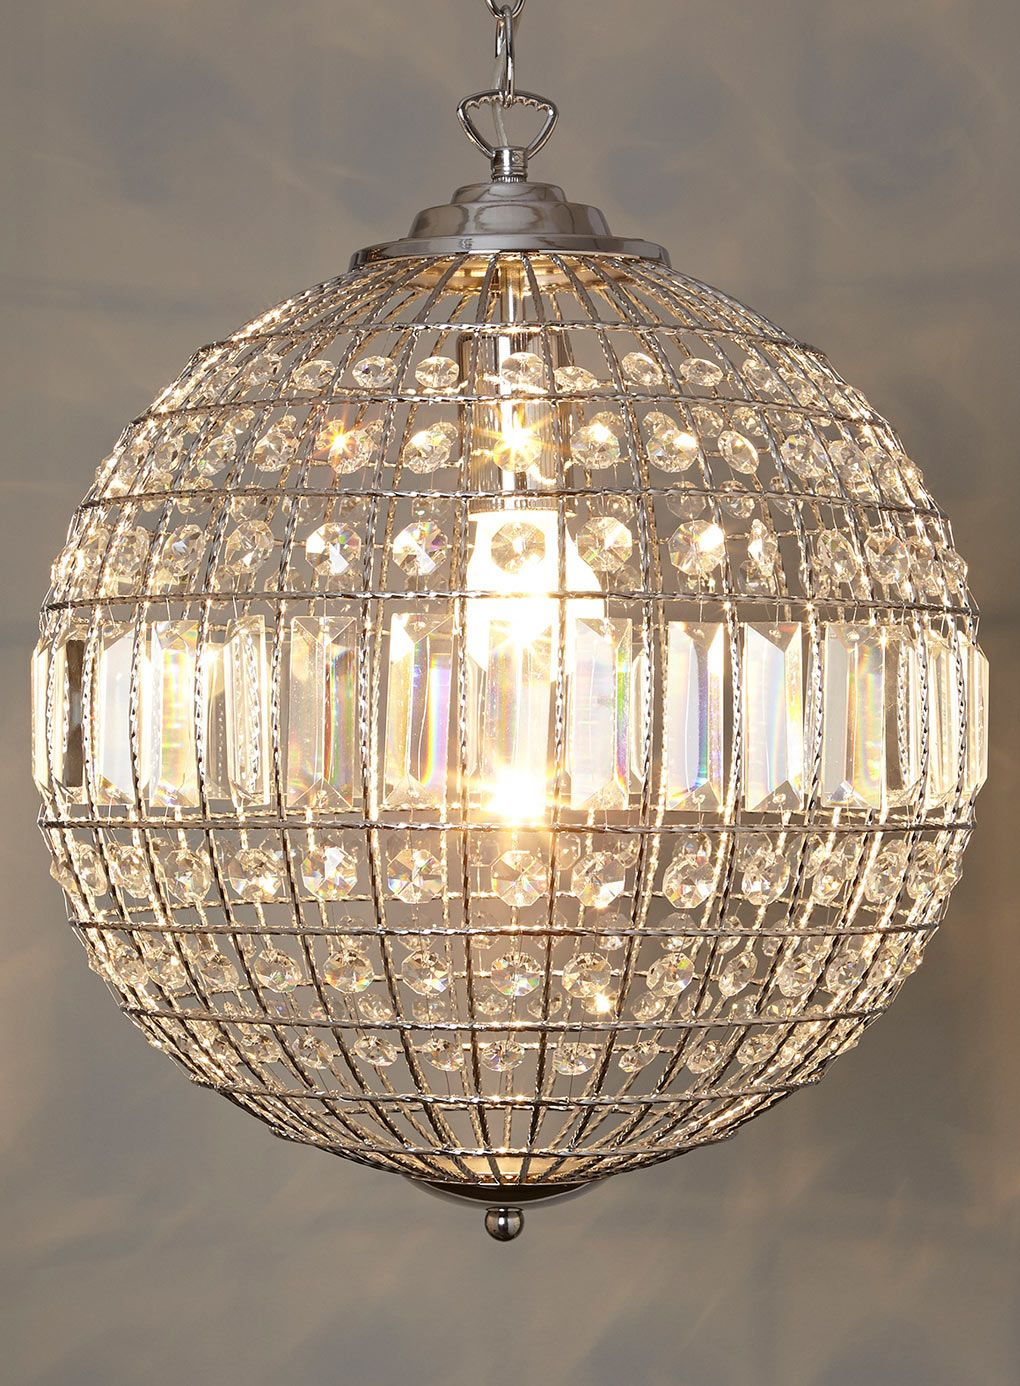 Ursula small crystal ball pendant lighting event home lighting ursula small crystal ball pendant lighting event home lighting furniture bhs aloadofball Choice Image